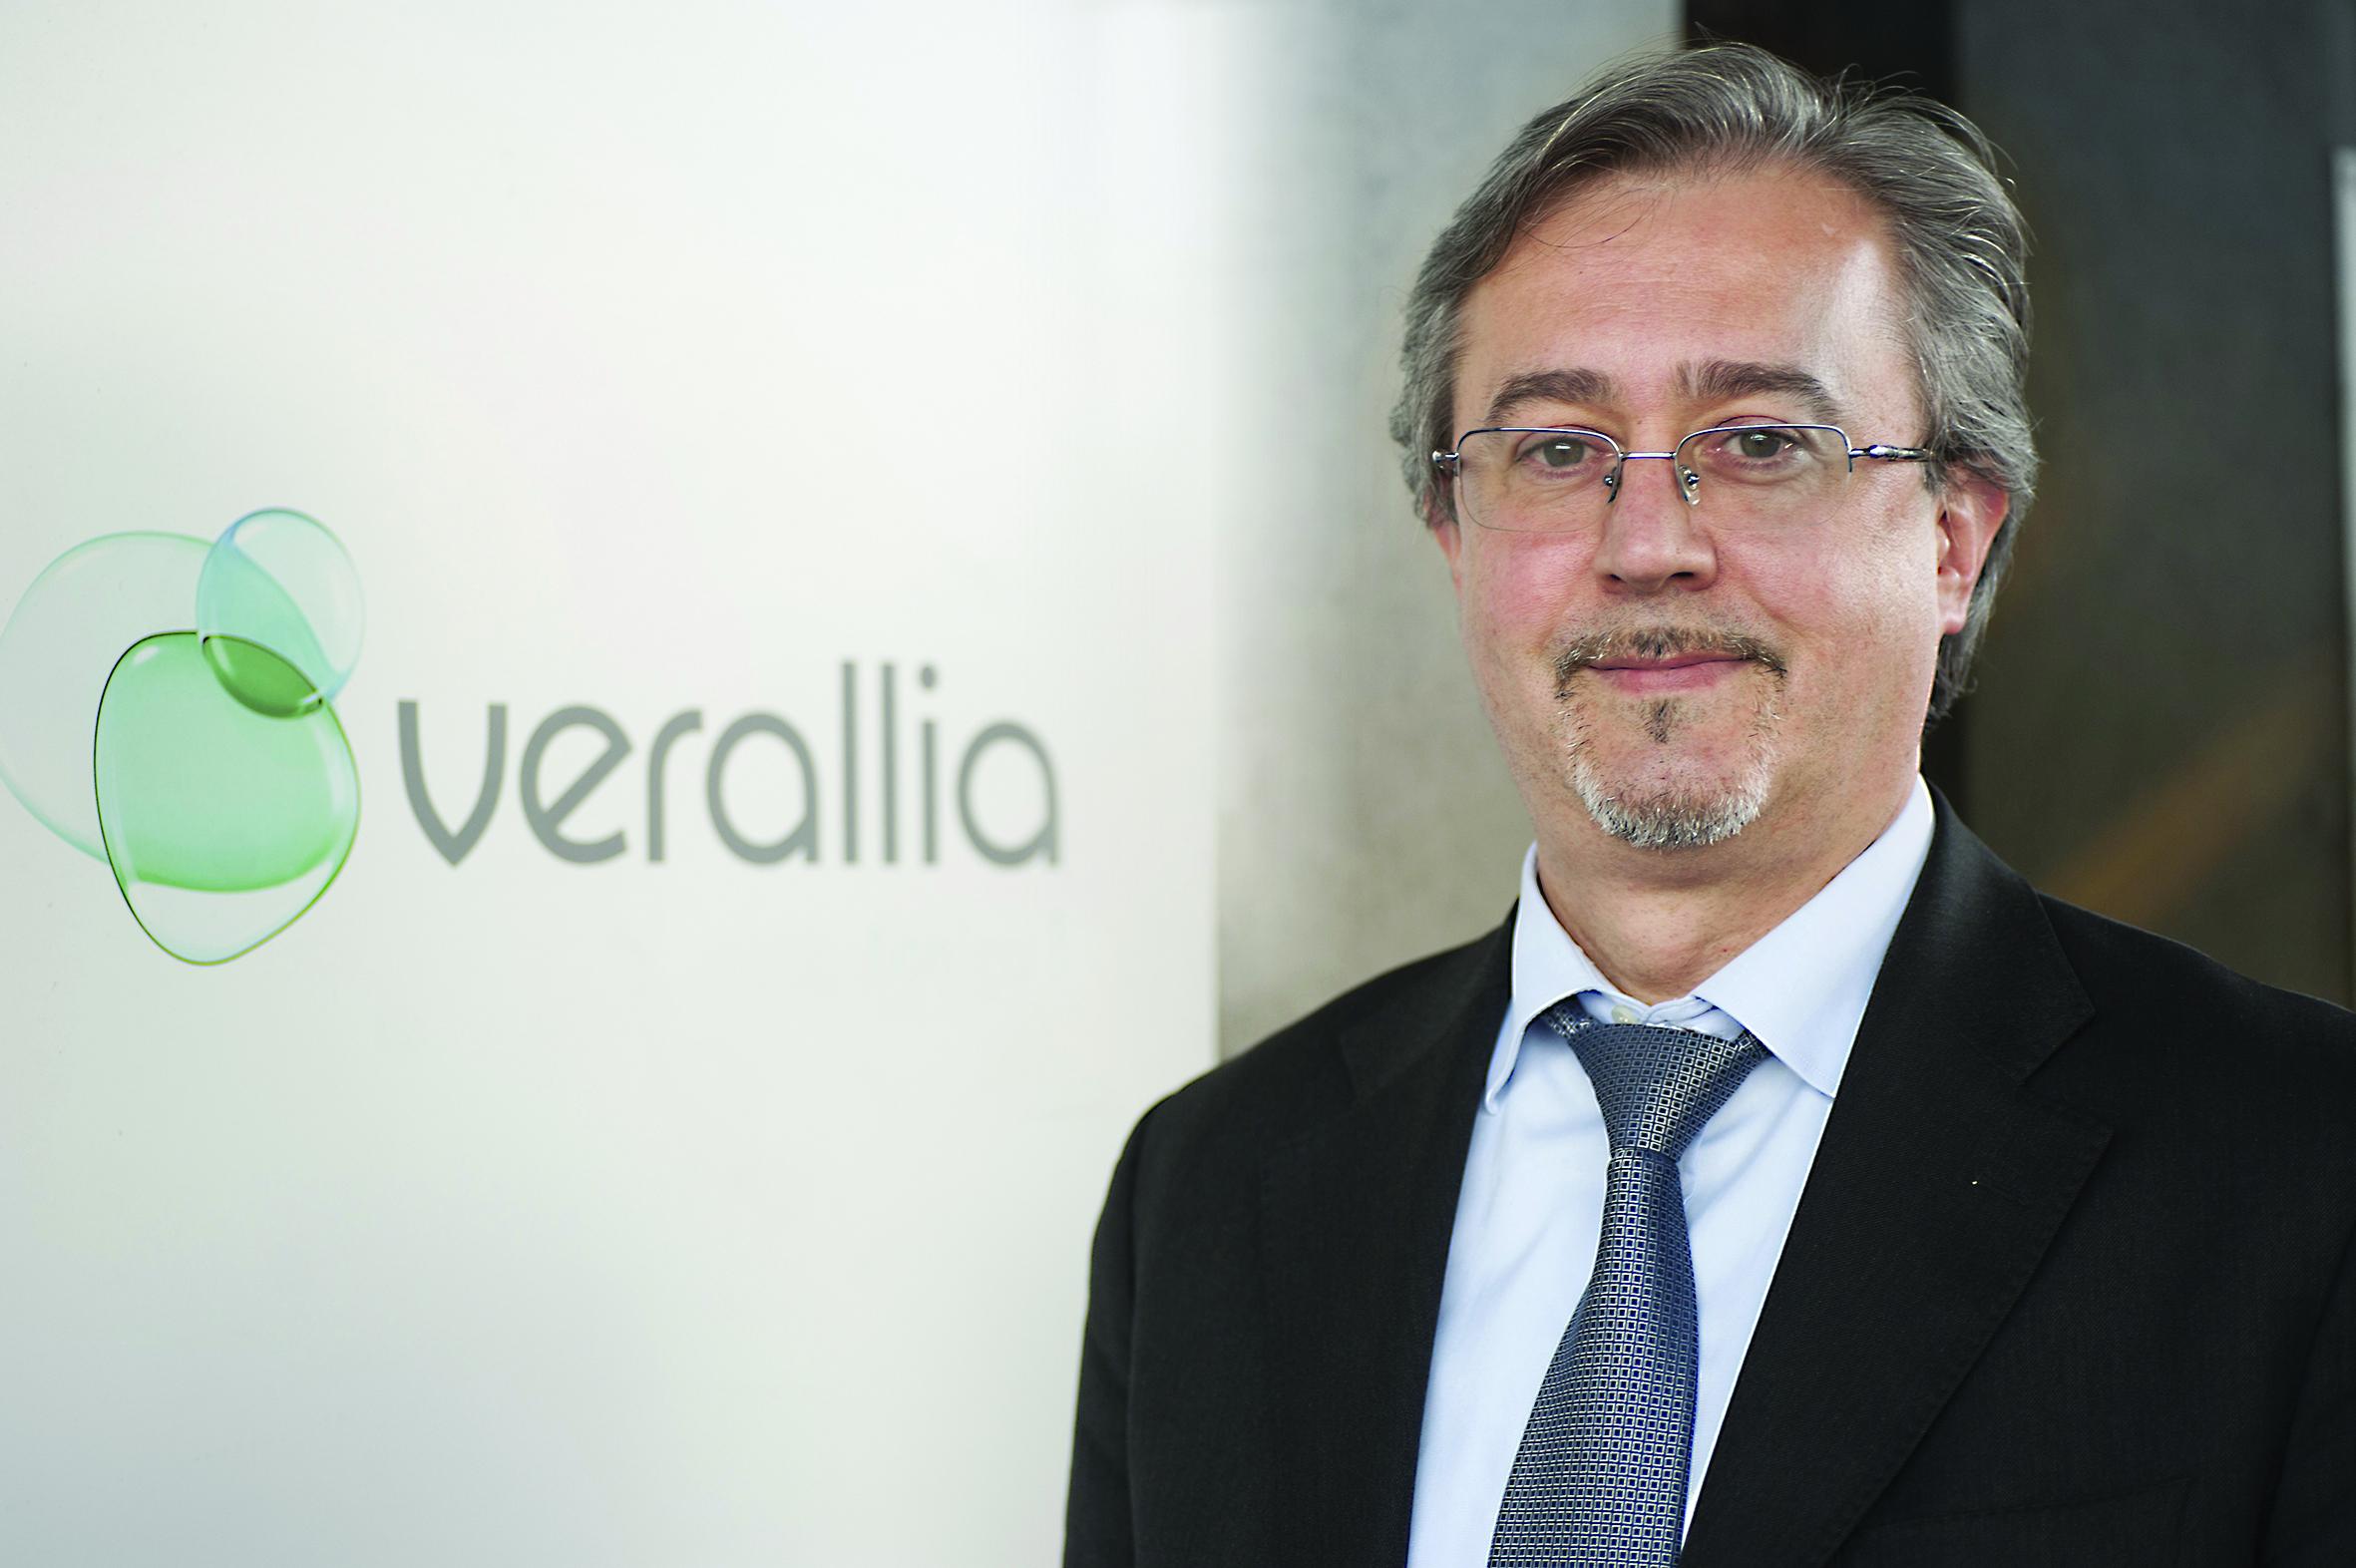 Marco Ravasi, Verallia Italia General Manager